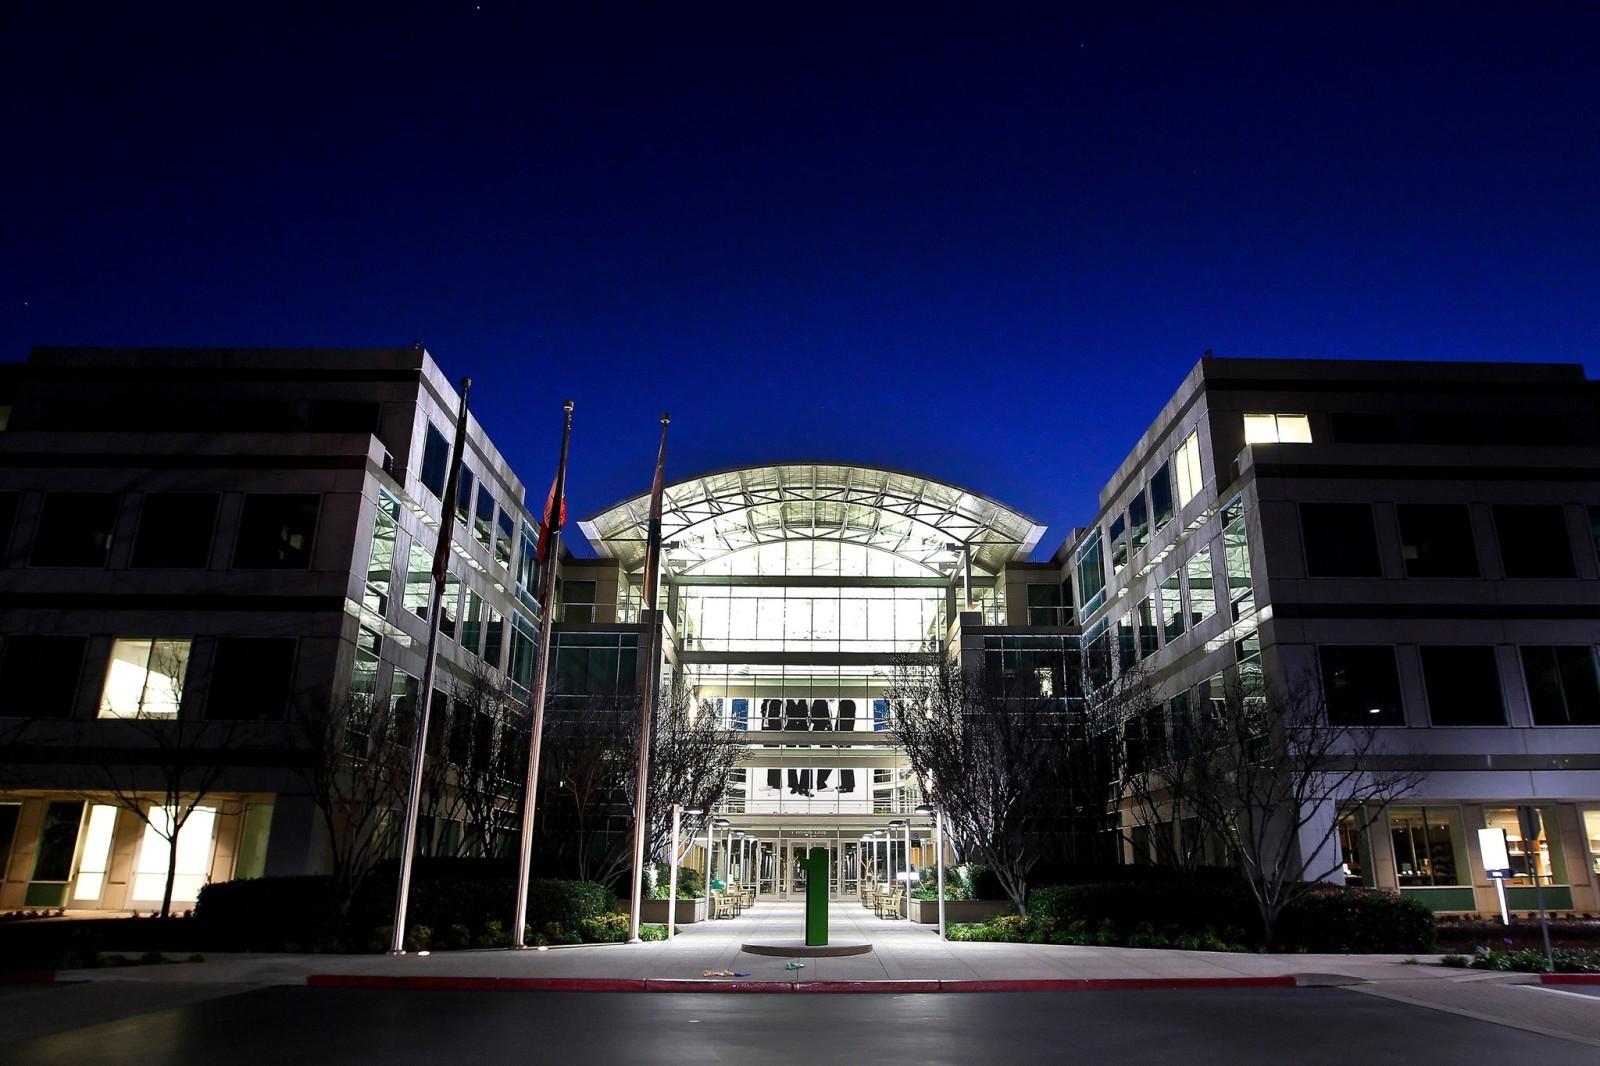 Разработчики шифрования iPhone могут уволиться из Apple, если им прикажут сотрудничать с ФБР - 1